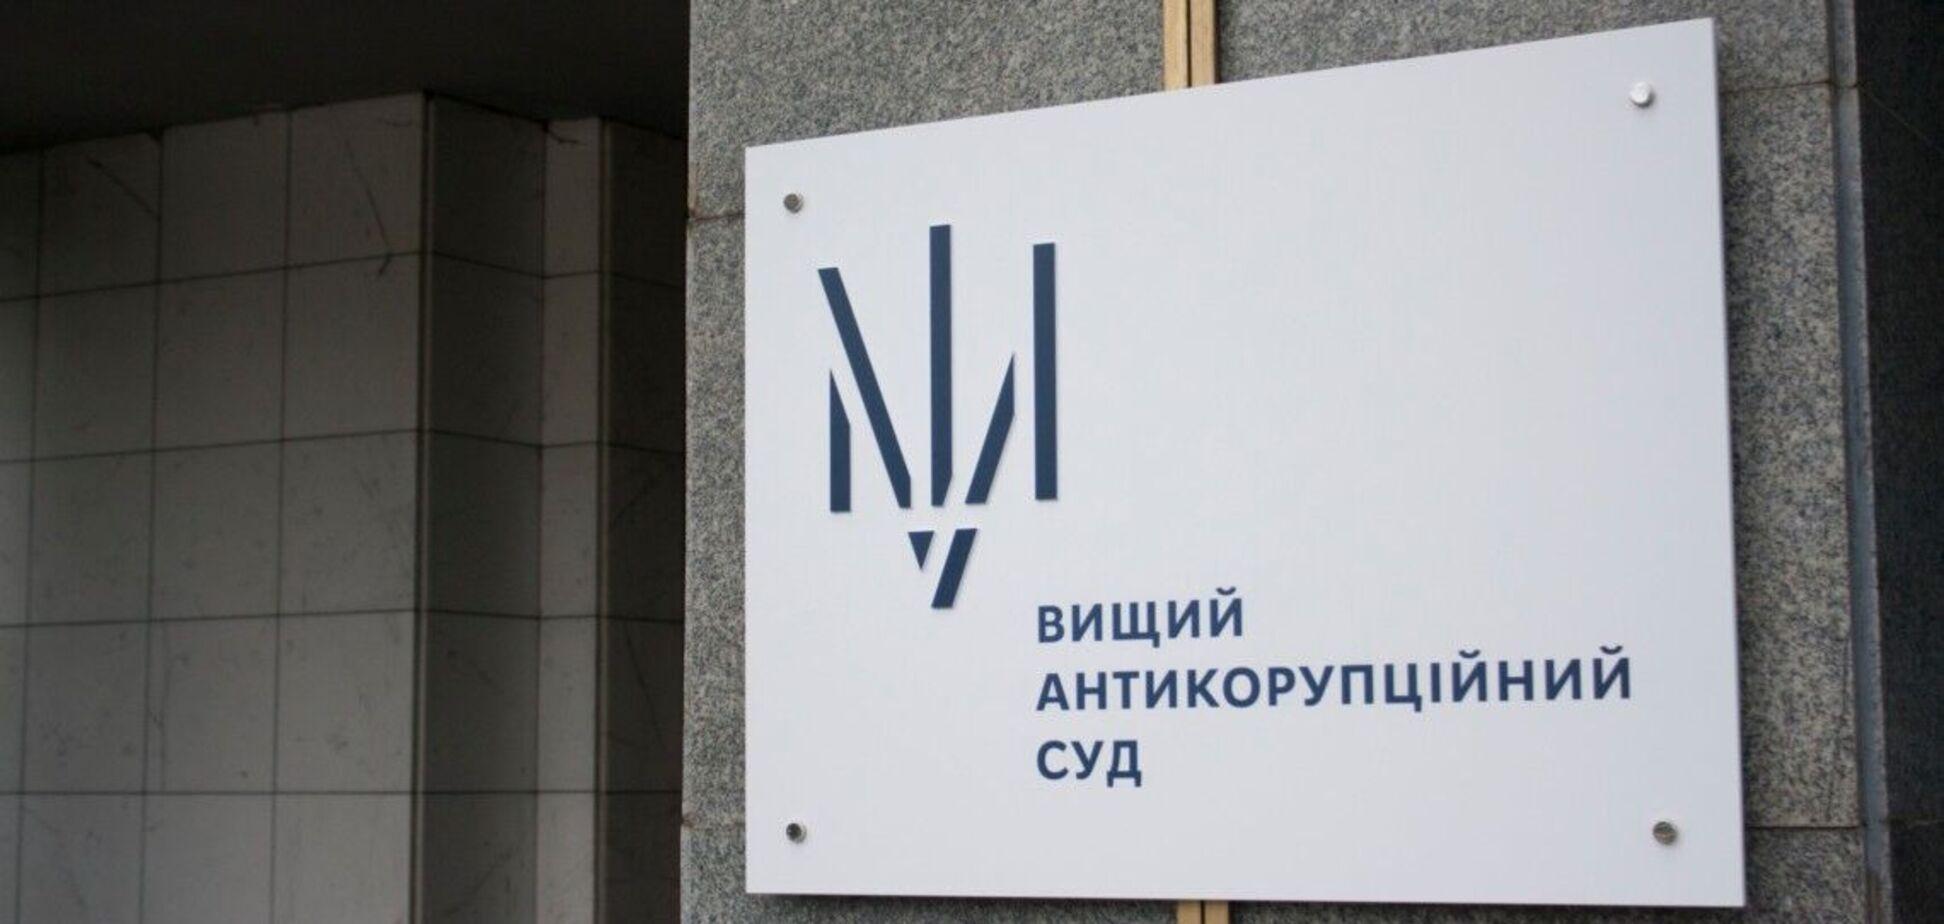 Высший антикоррупционный суд отменил постановление НАБУ относительно дела Писарука и Бахматюка